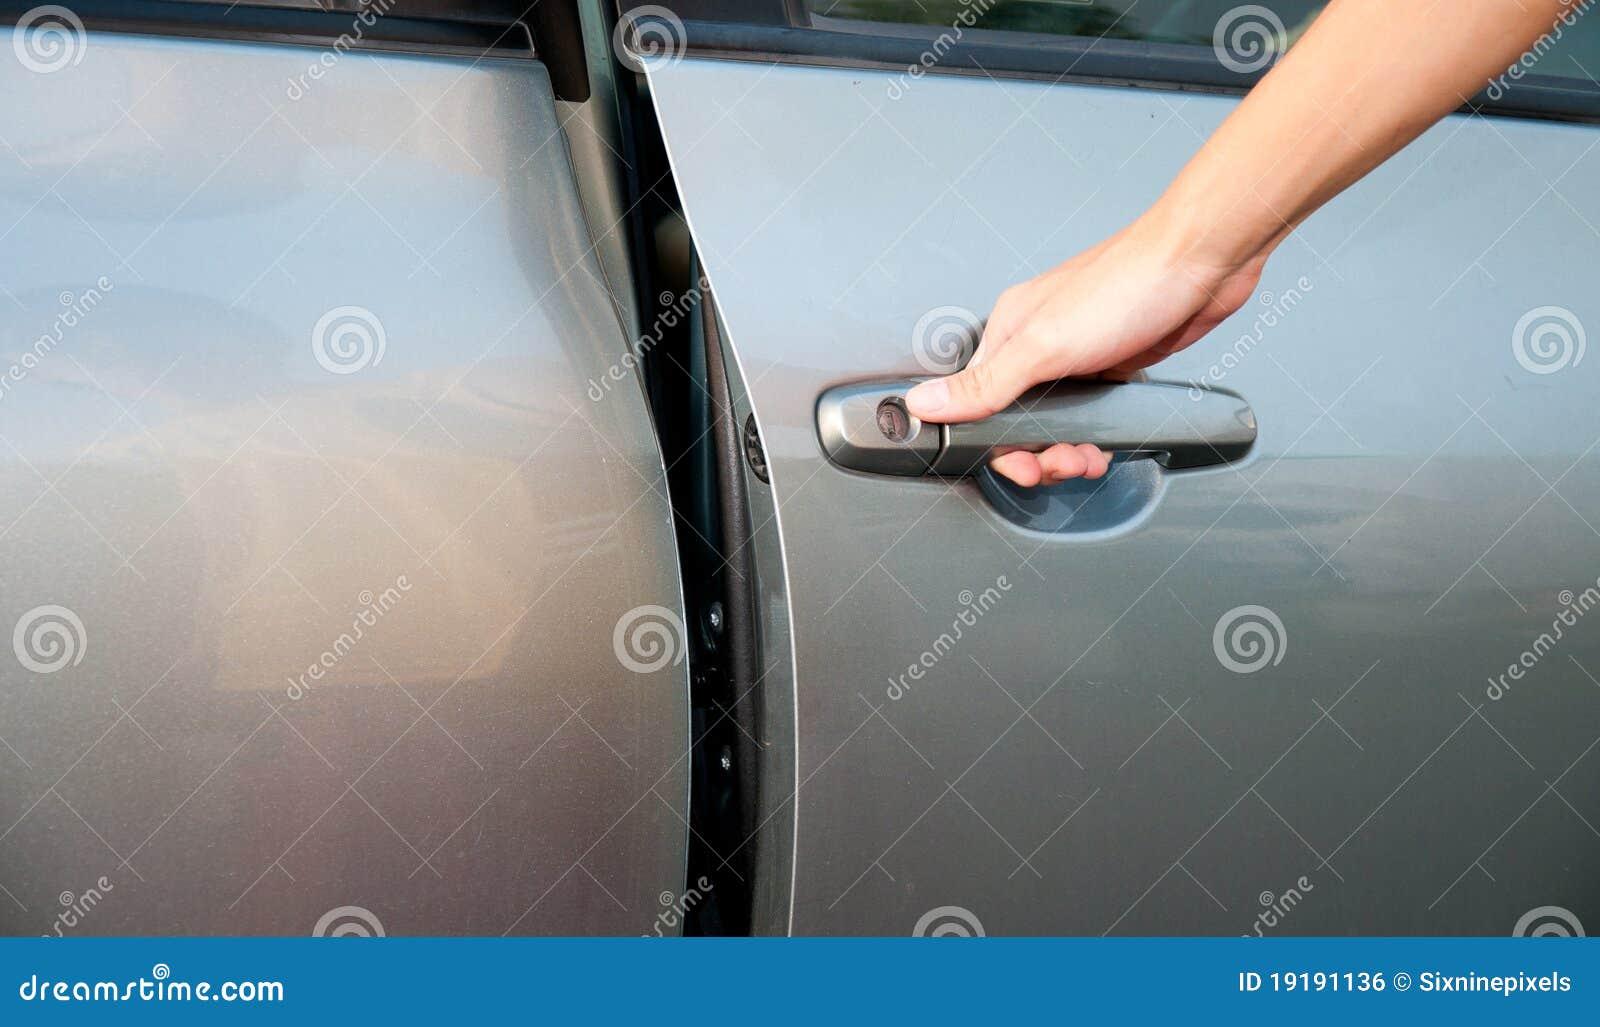 Open car door. Hand driver. & Open car door stock photo. Image of hand driver male - 19191136